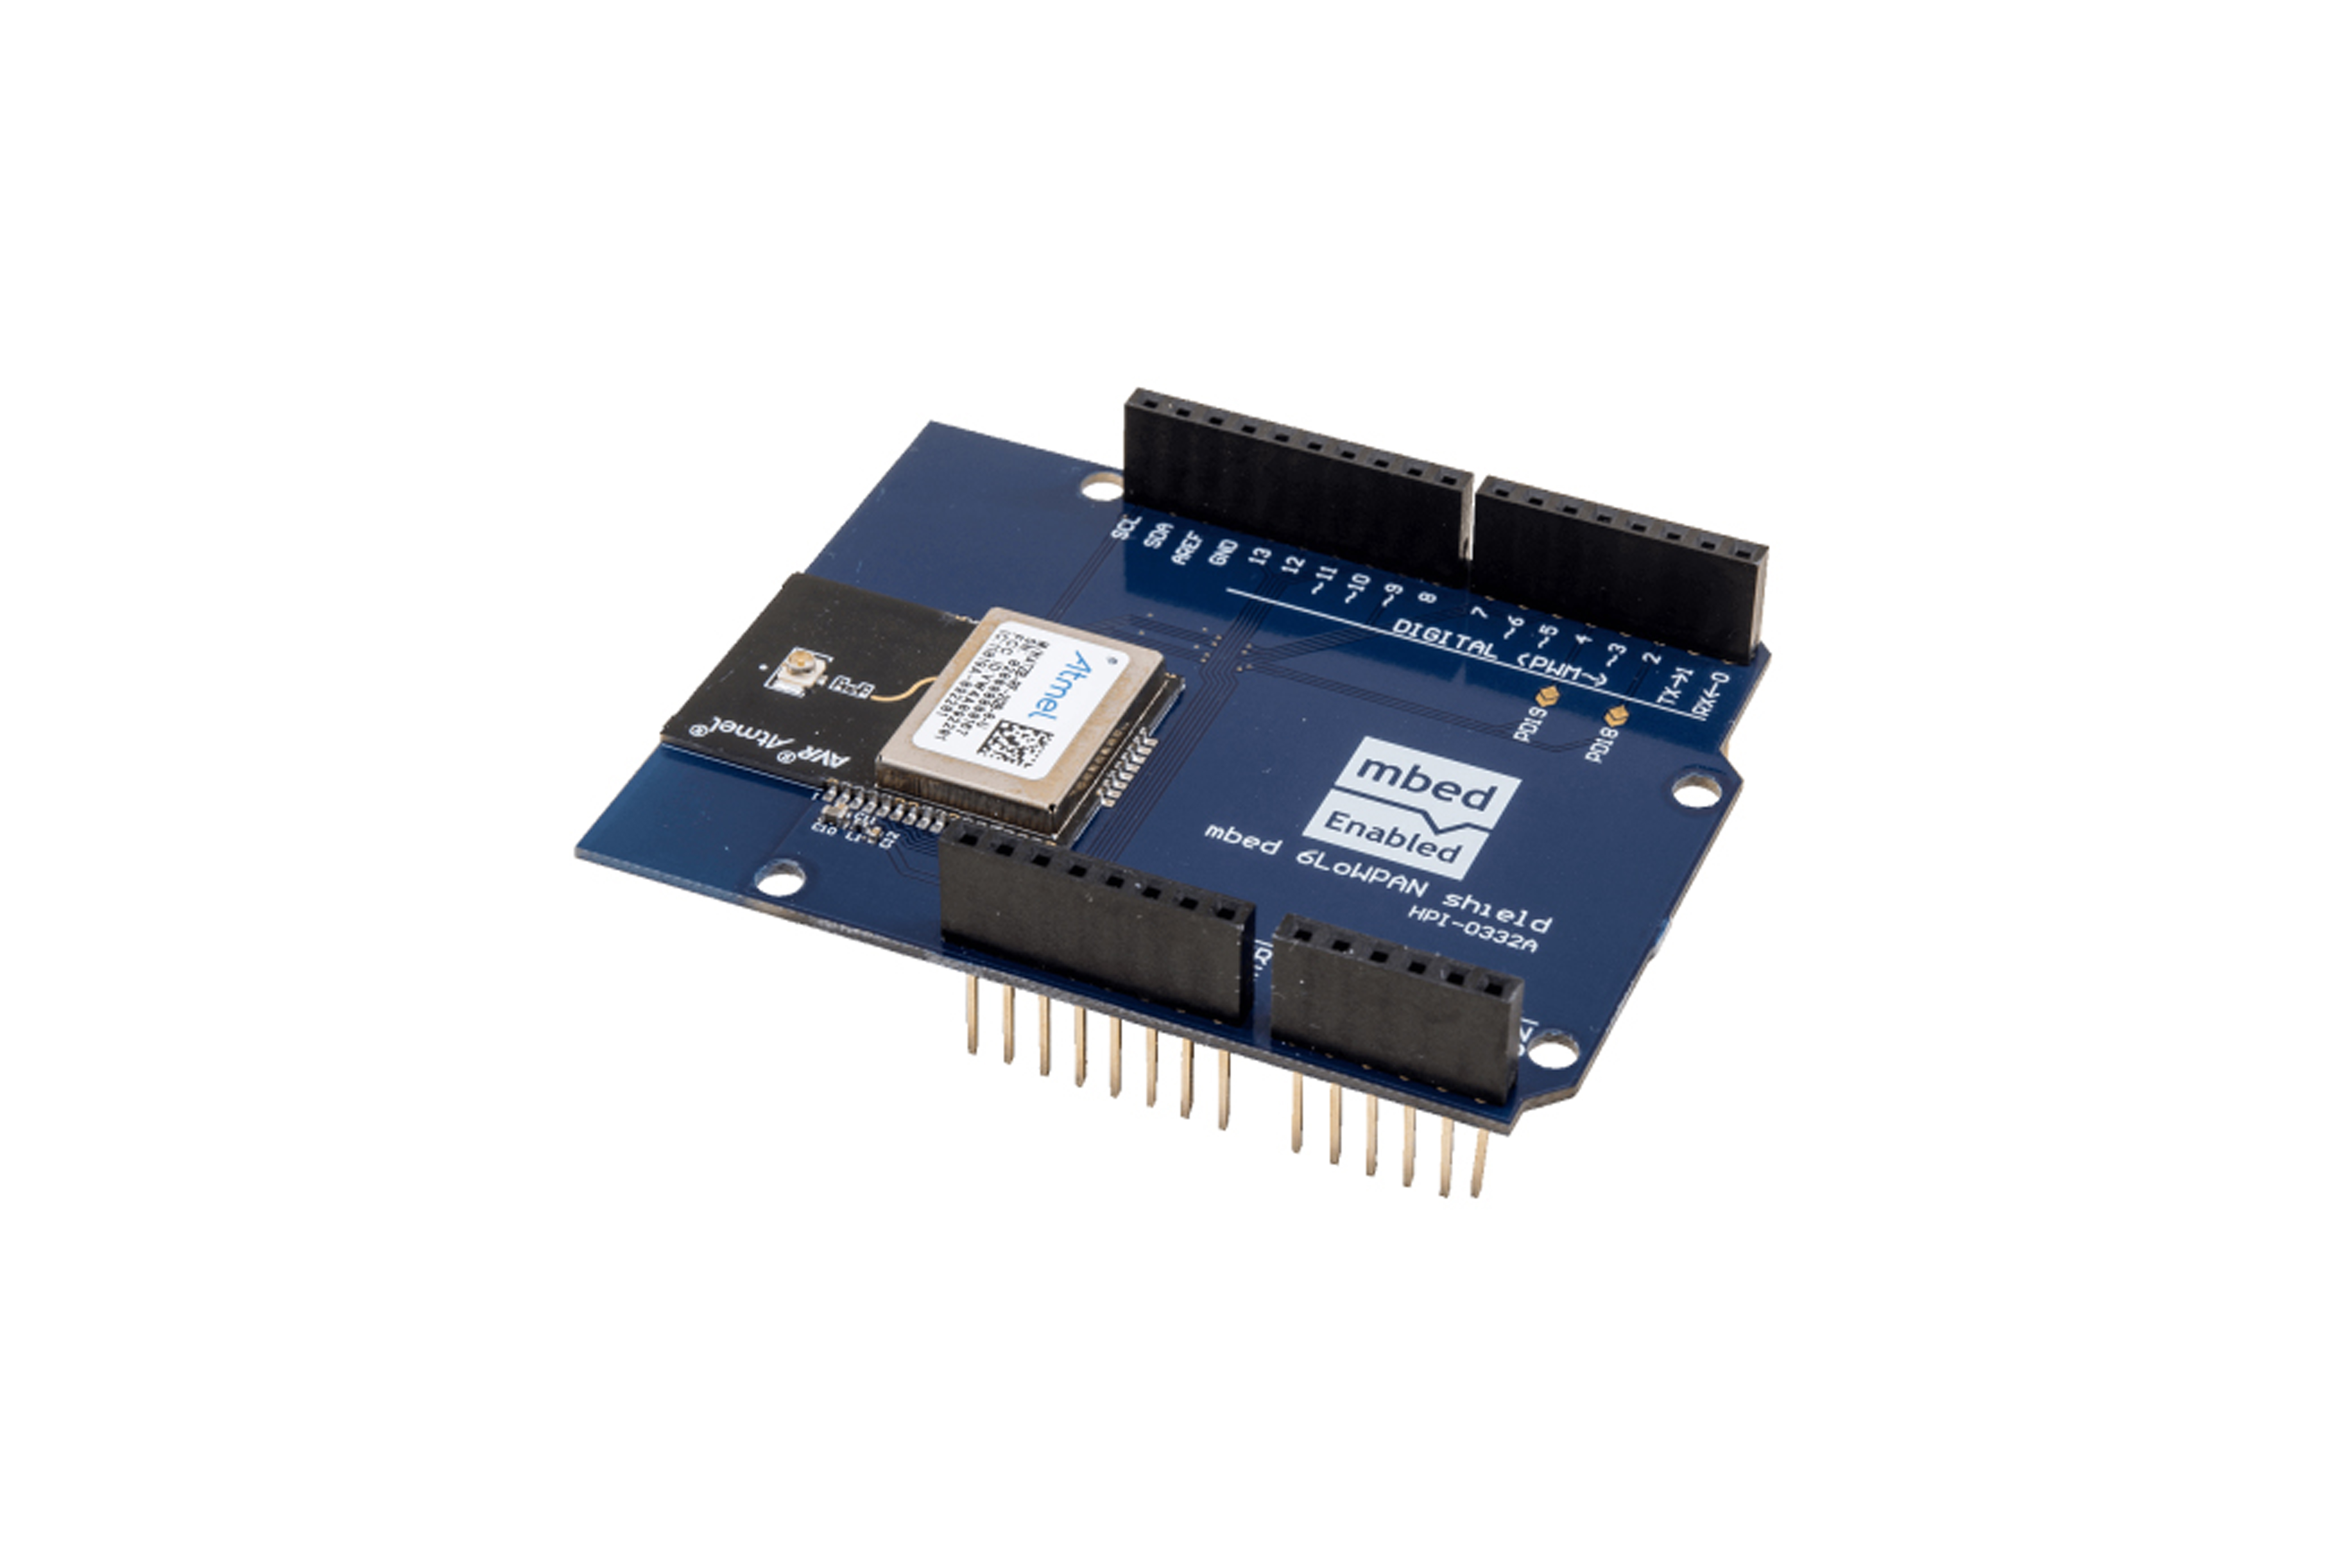 6LowPAN 2,4 GHz Arduino Shield PCB-Modul